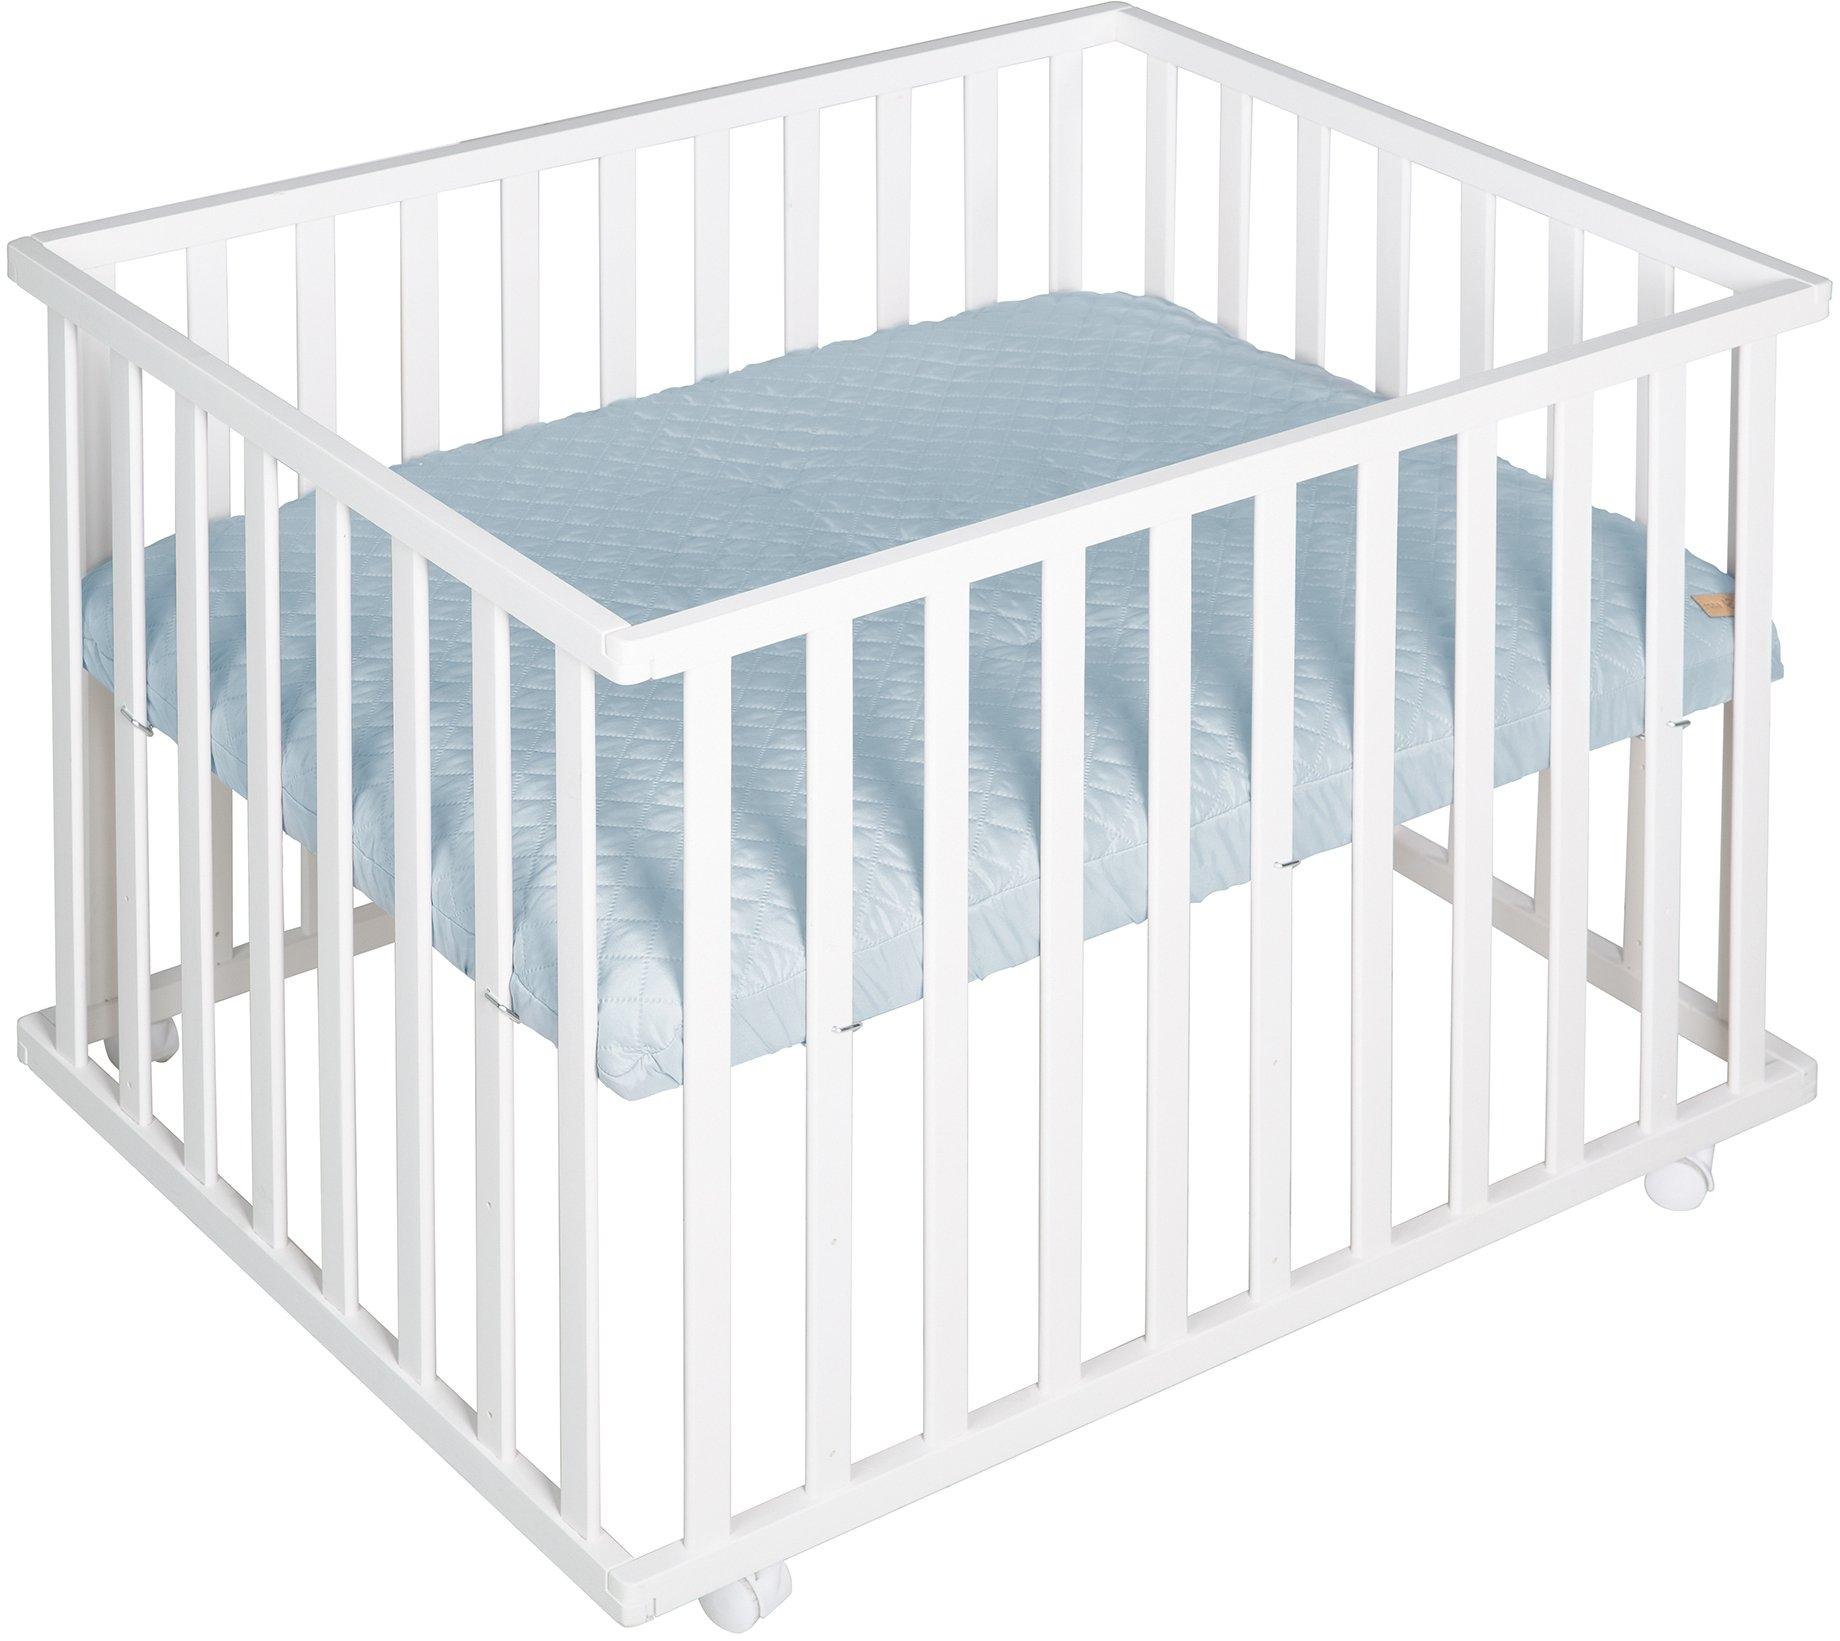 Roba box Style wit, 75x100 cm met boxinleg lichtblauw / sky voordelig en veilig online kopen